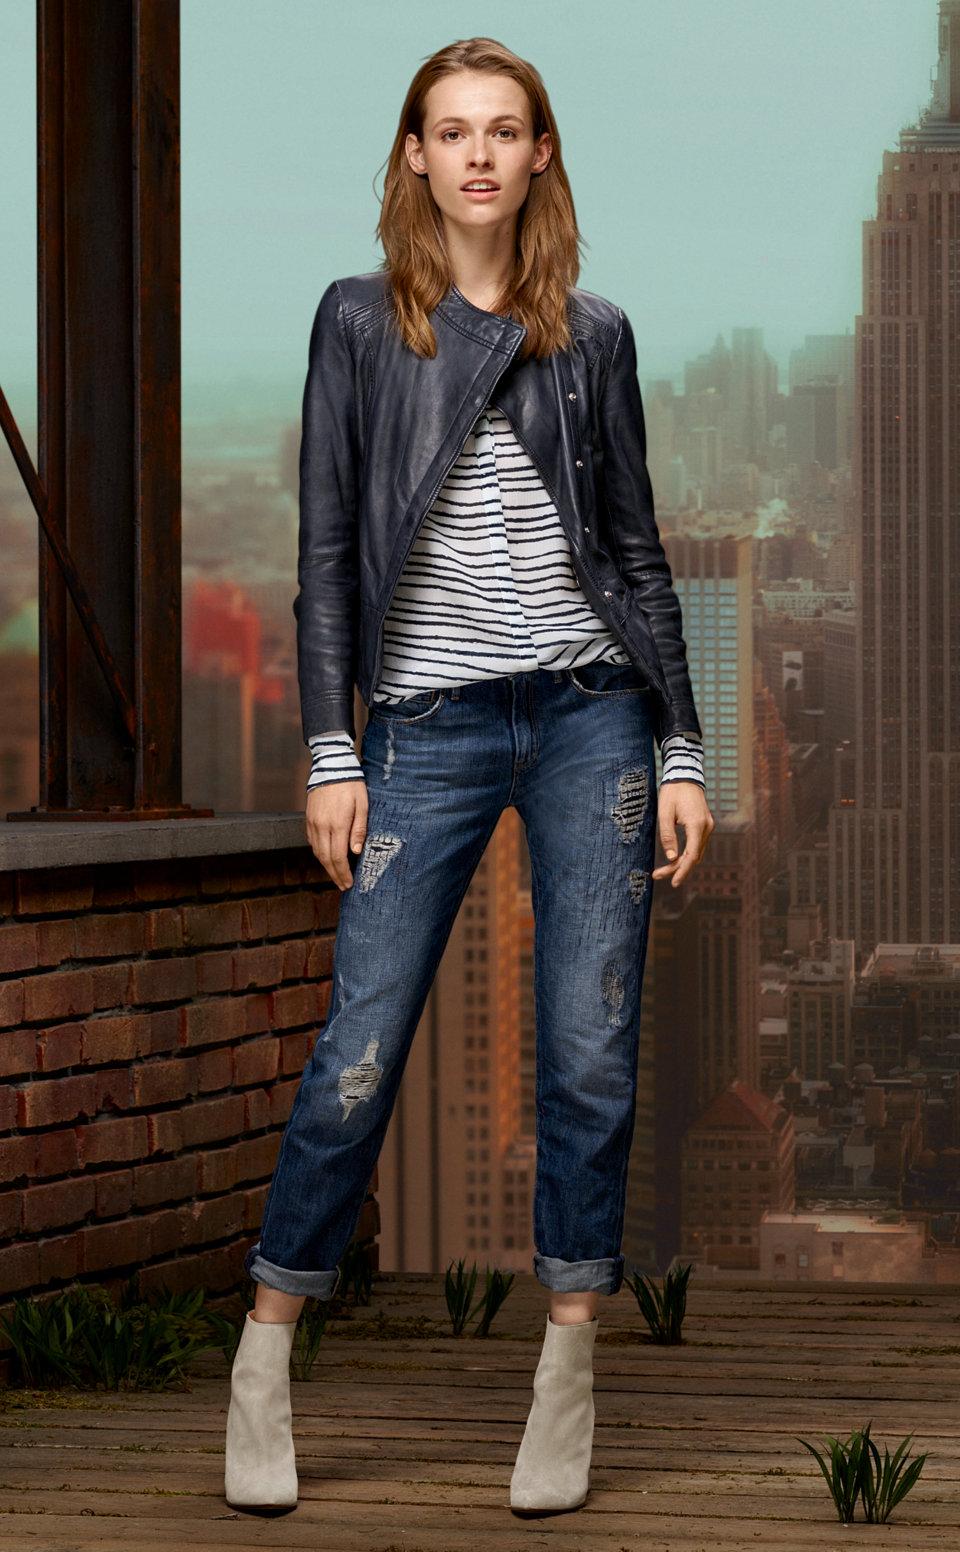 Blaue Lederjacke, gestreifte Bluse und blaue Jeans vonBOSSOrange